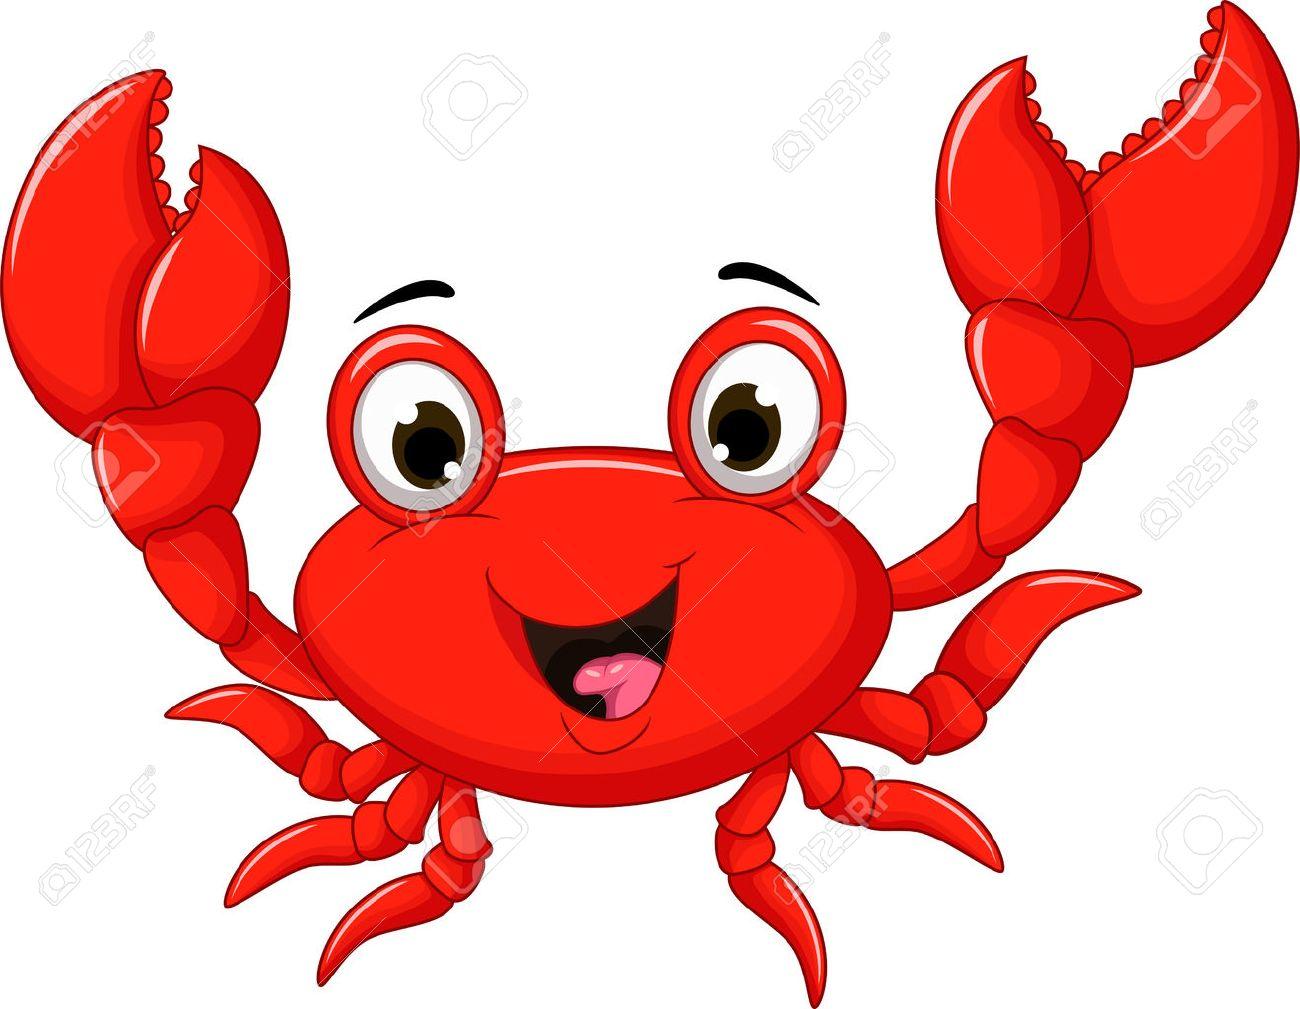 funny crab cartoon - 39096109